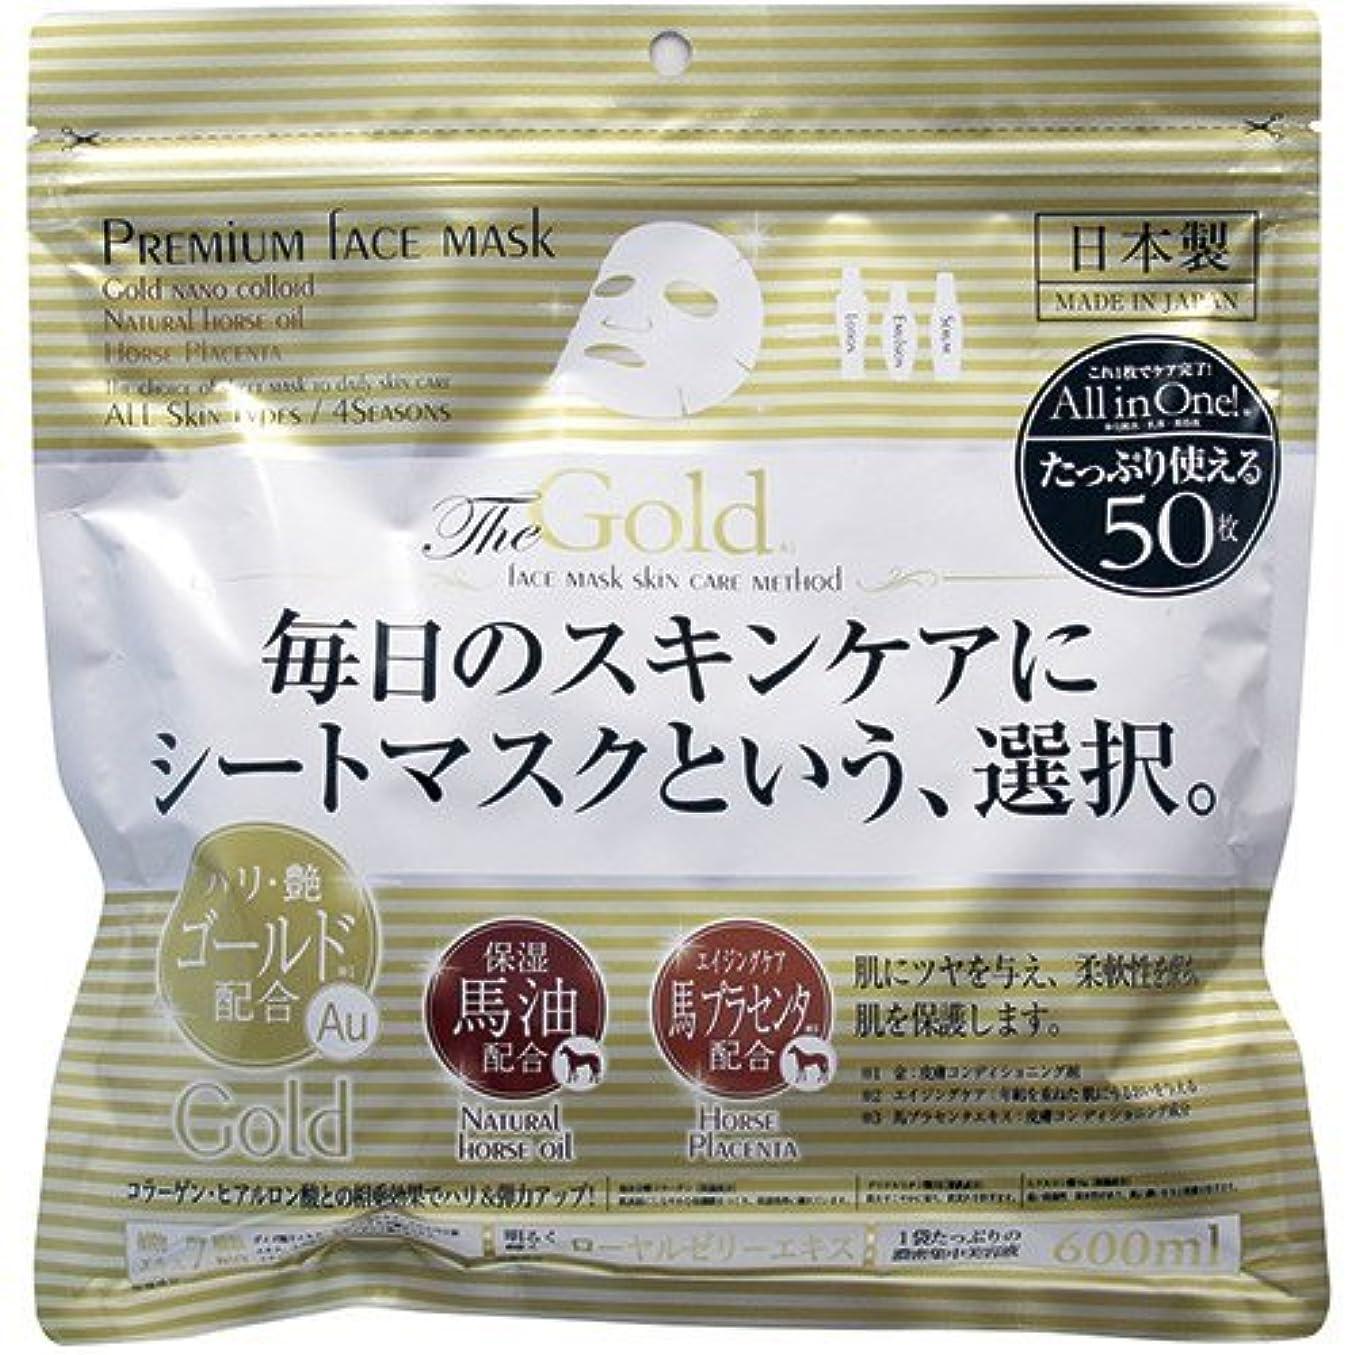 木未払い外交【進製作所】プレミアムフェイスマスク ゴールド 50枚 ×3個セット